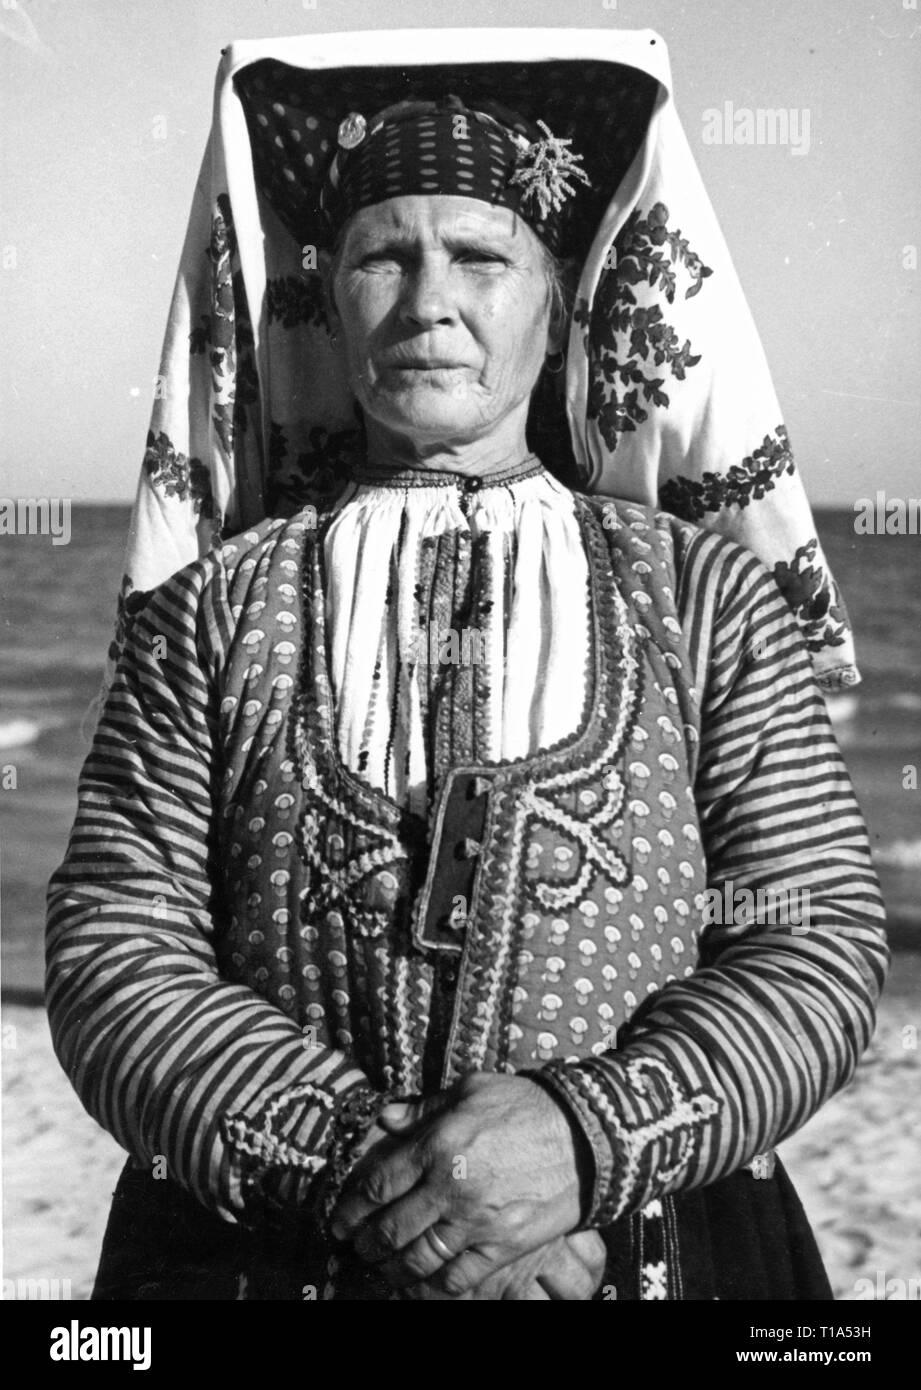 Geografía / viajes históricos, Bulgaria, el folclore, la mujer búlgara en el traje nacional, circa 1935-Clearance-Info Additional-Rights-Not-Available Imagen De Stock